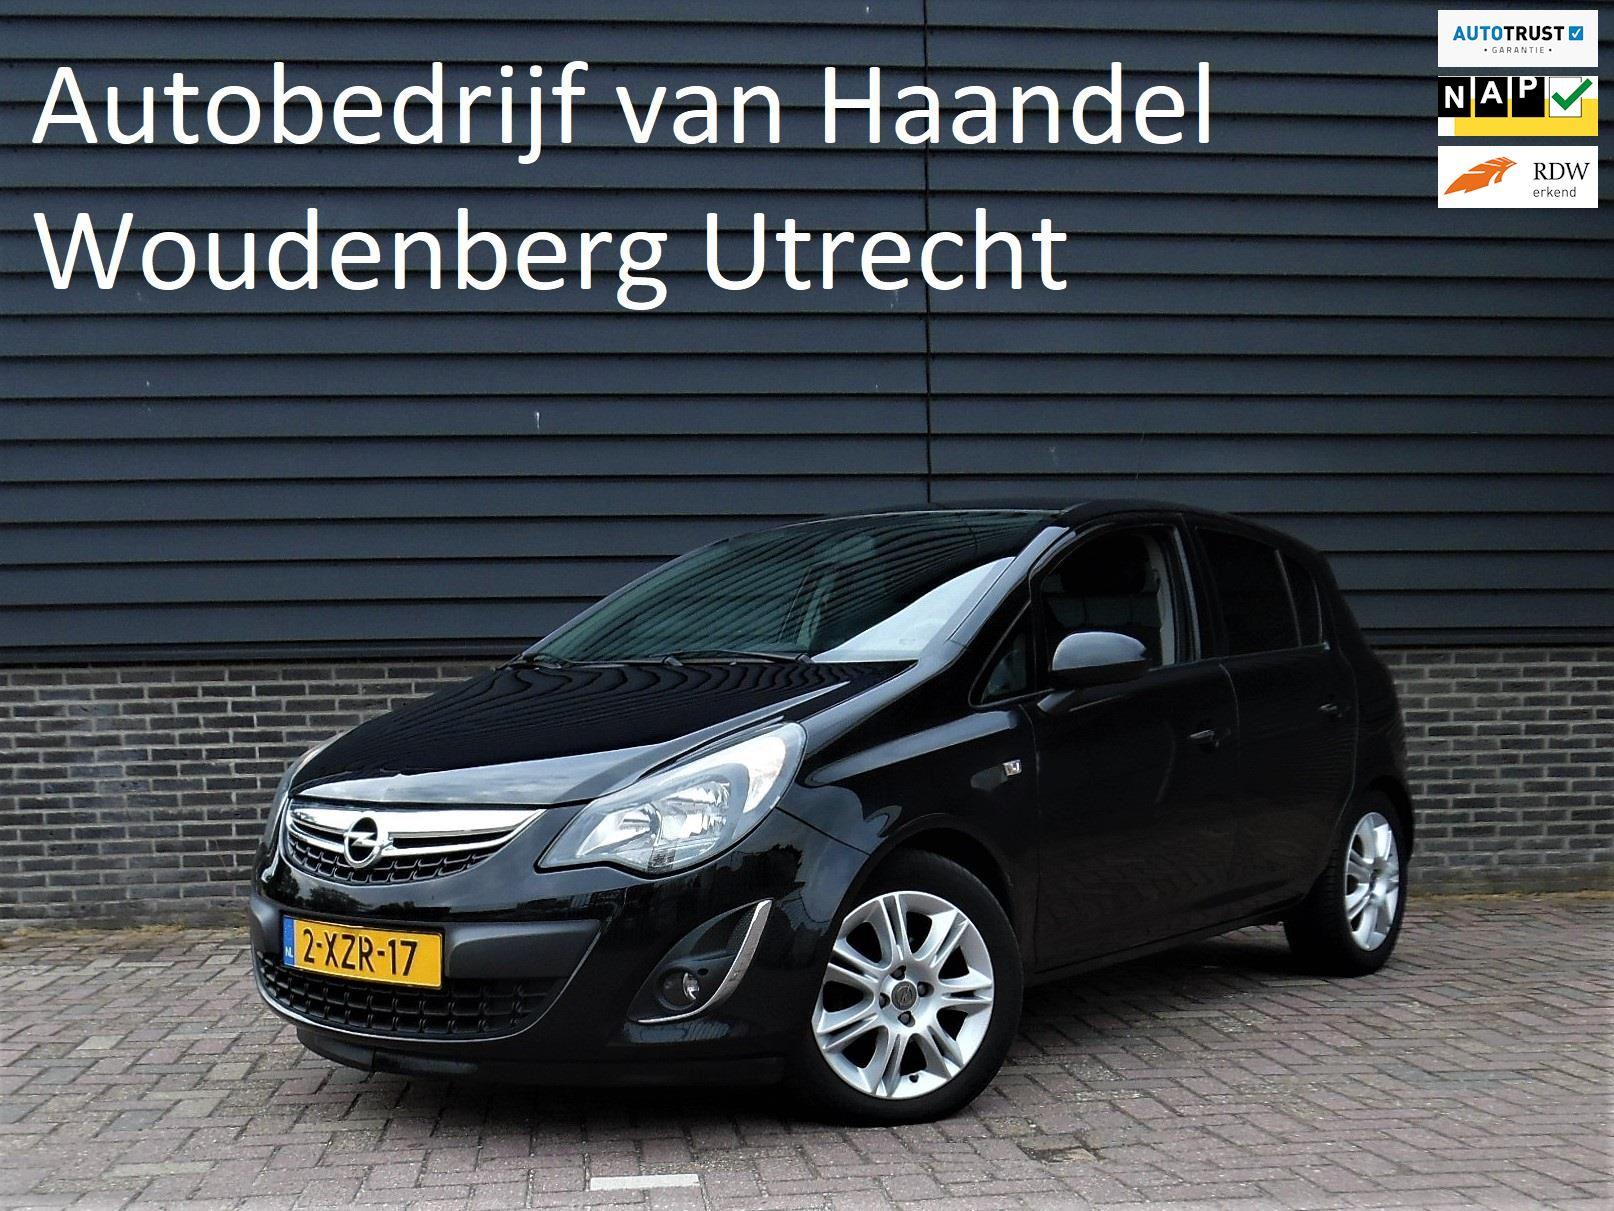 Opel Corsa occasion - Autobedrijf Gerard van Haandel